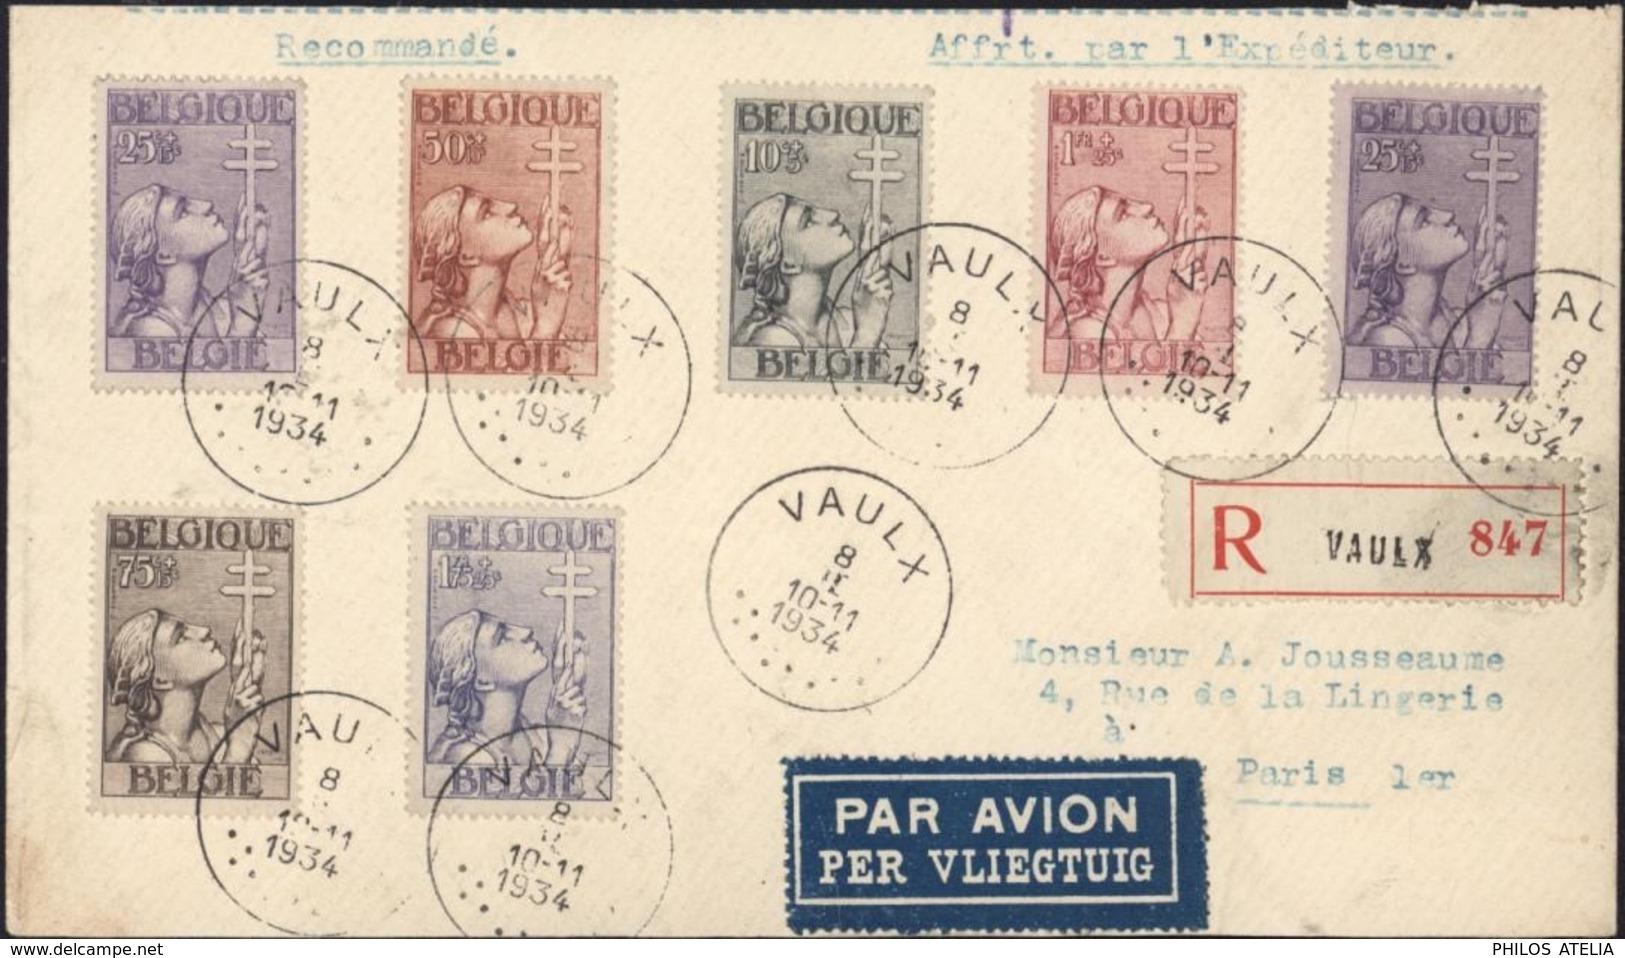 Recommandé YT 377 à 382 Dont 378x2 CAD Vaulx 8 II 34 Par Avion Profit Oeuvres Antituberculeuses Tuberculose - Belgique